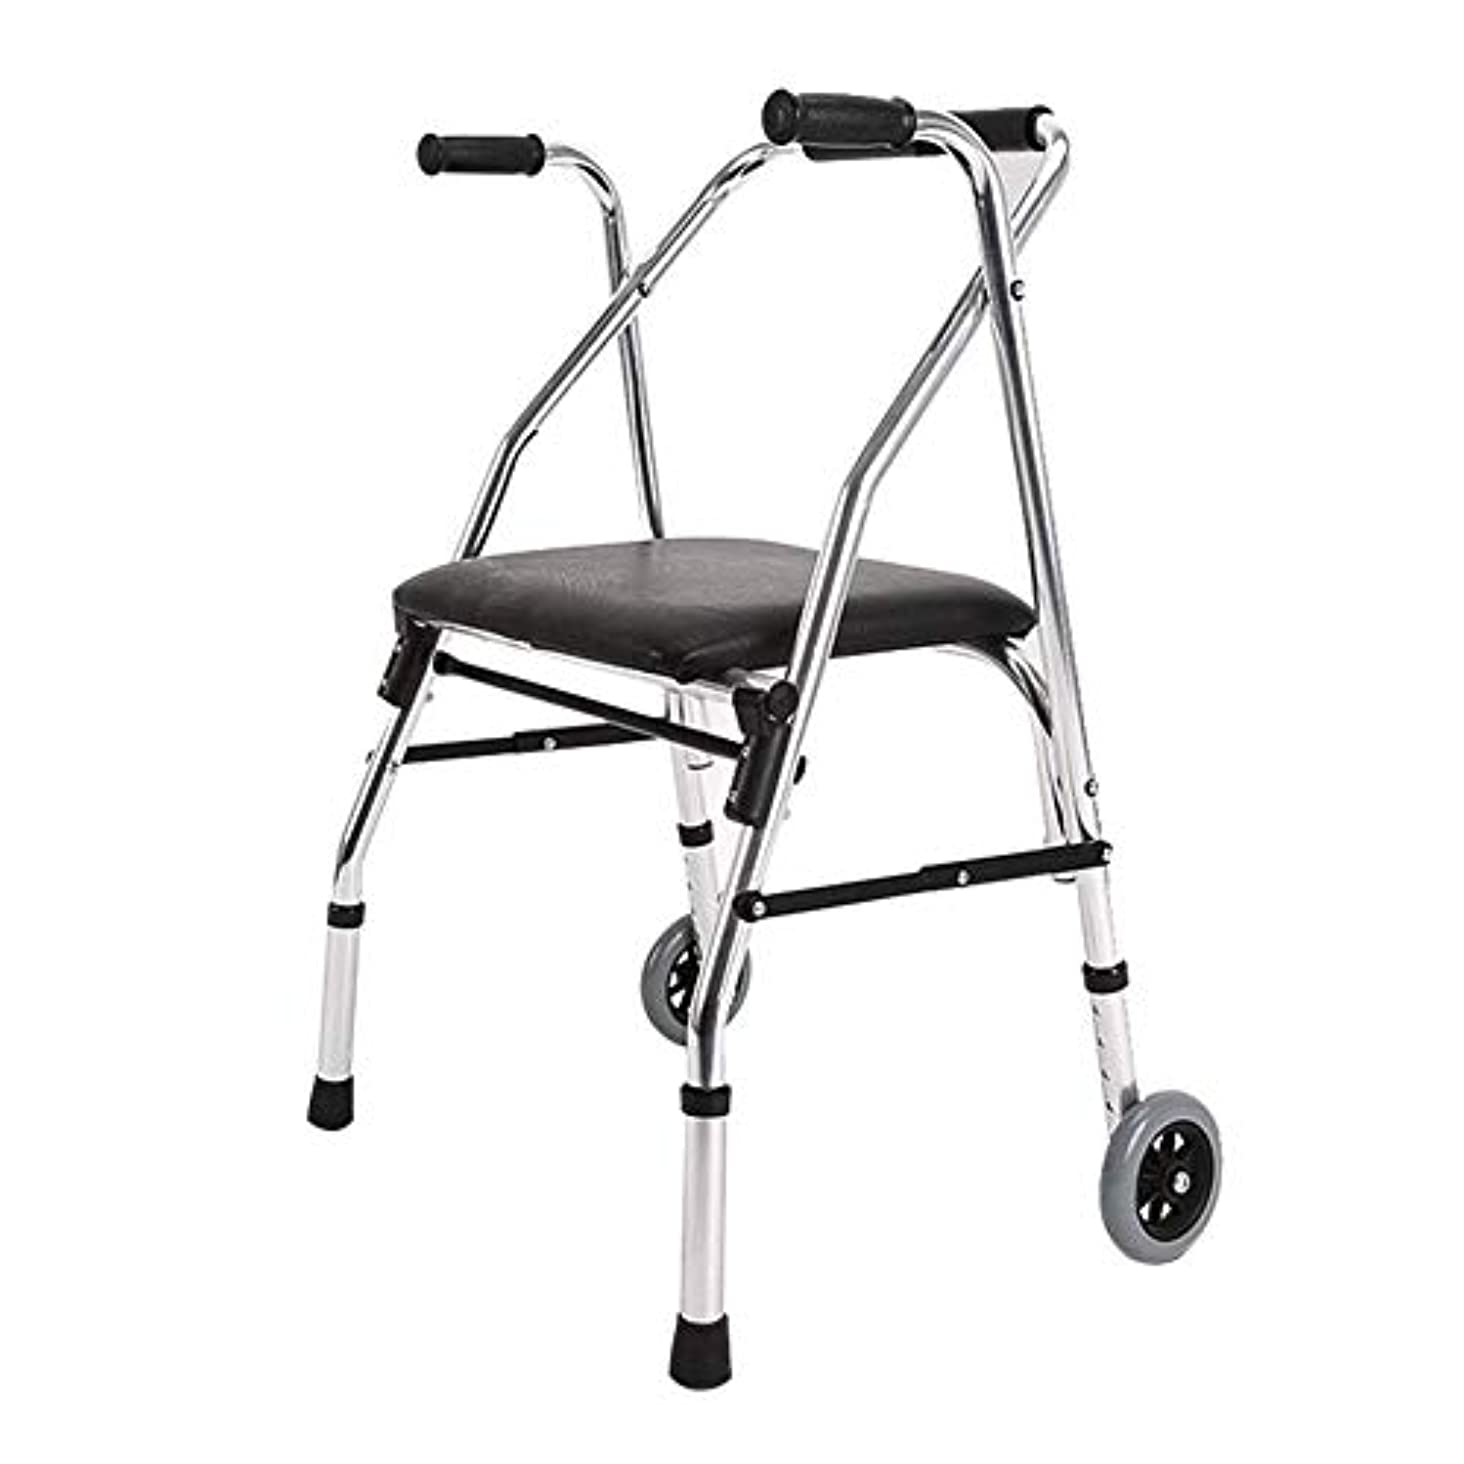 羨望カポック完璧軽量ウォーカー、パッド入りシートとバッグコンパクト折りたたみデザイン高齢者ウォーカー付きアルミニウムローラー